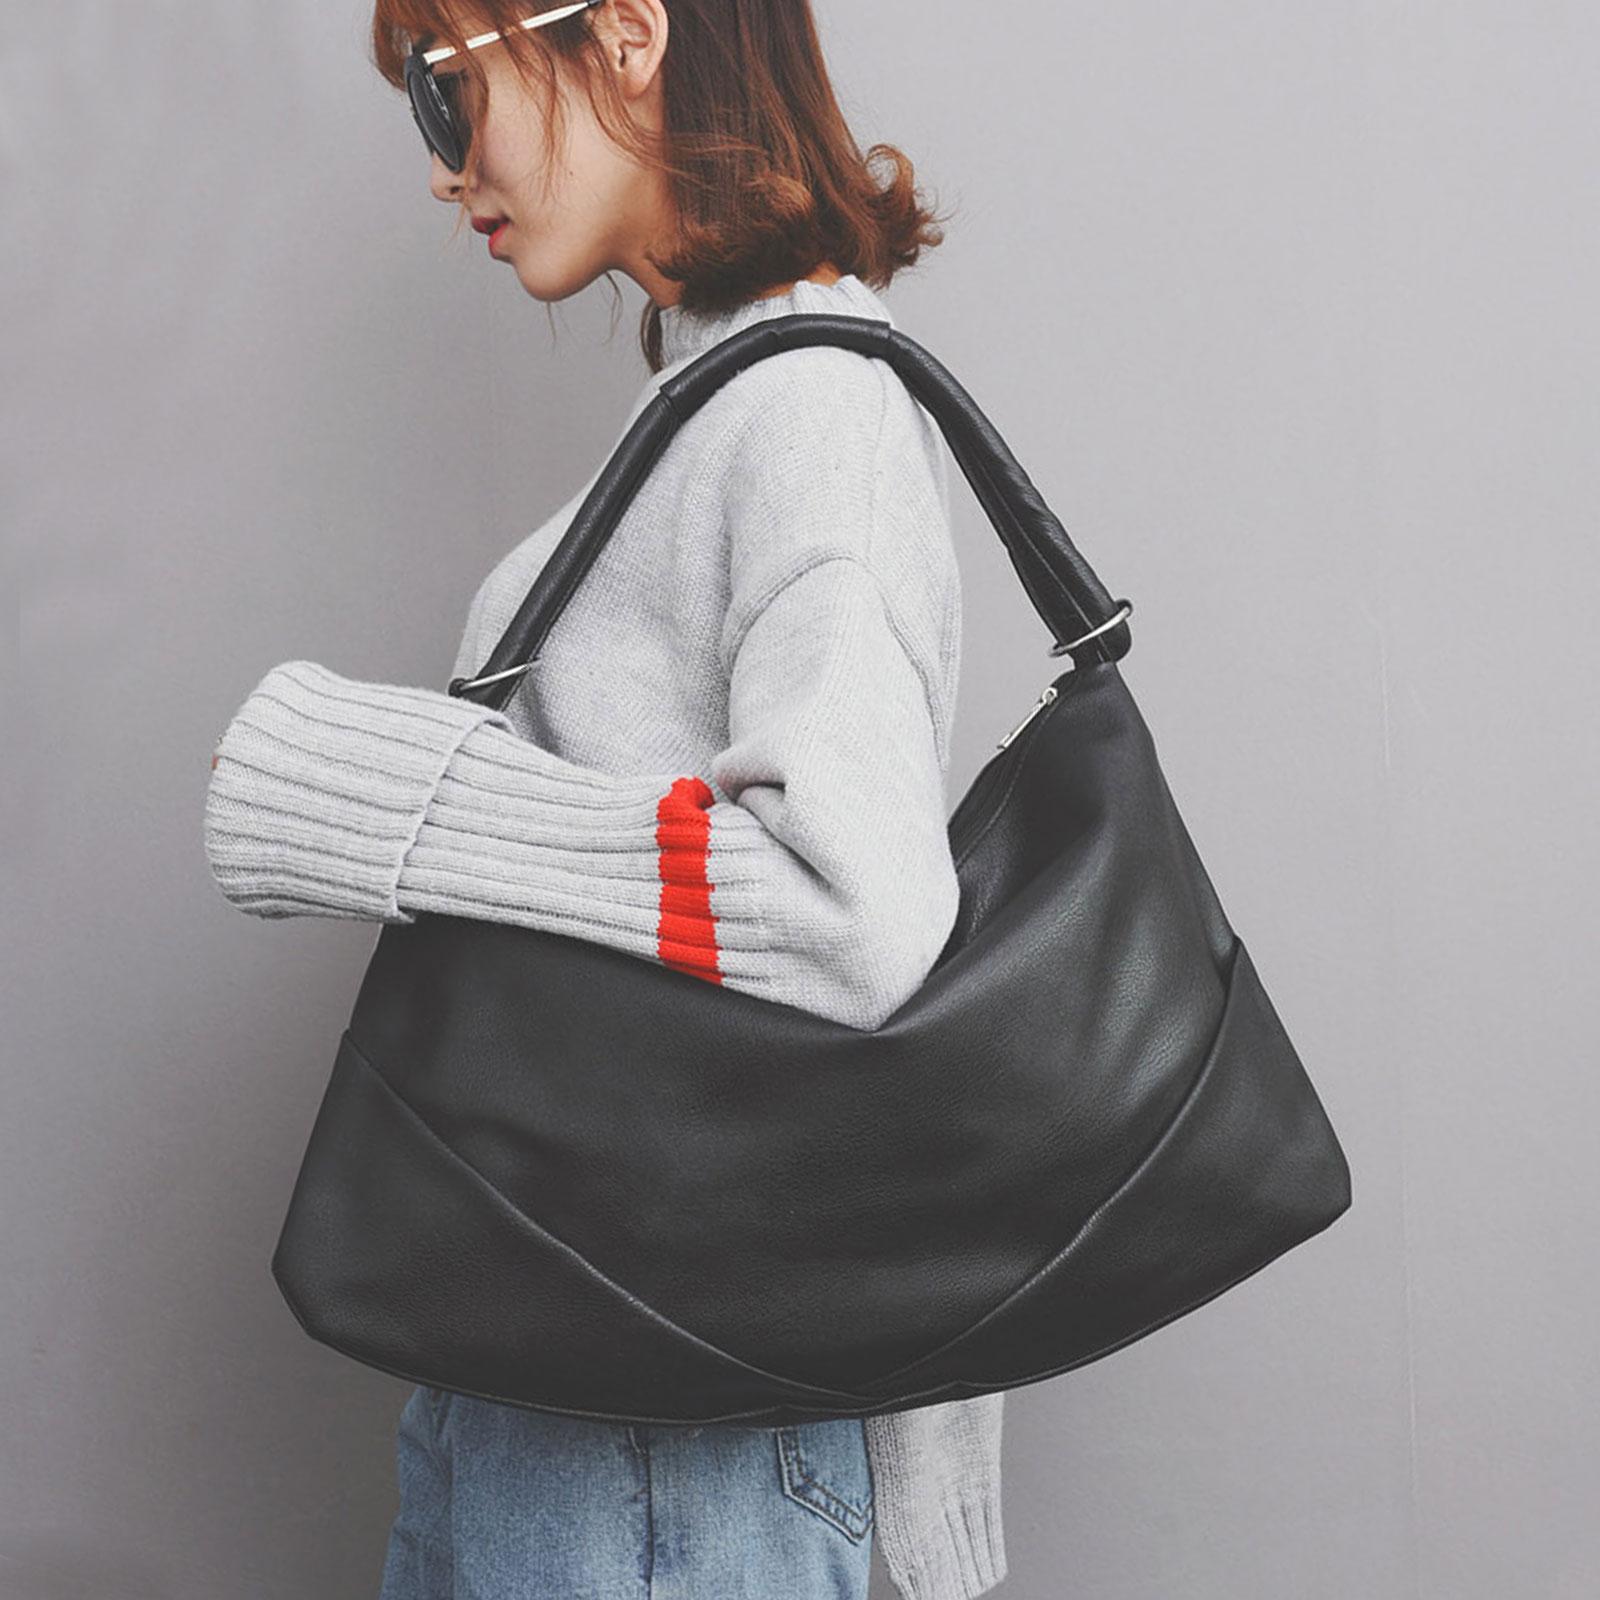 手提包 韓國時尚皮革水餃包肩背包【O3226】☆雙兒網☆ 3